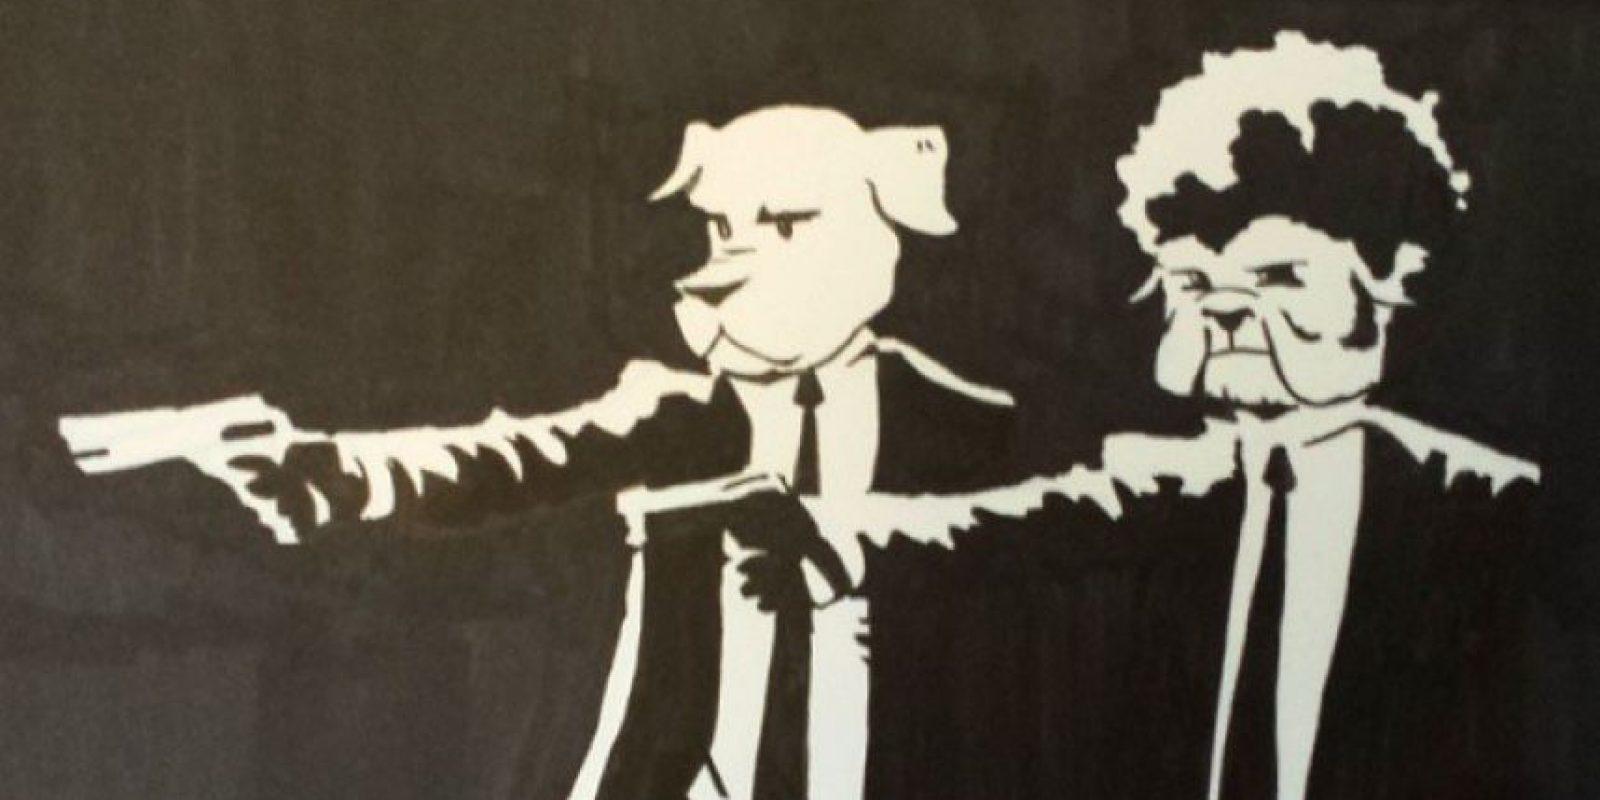 """(""""Pulp"""" cambia por """"Pup"""", que significa cachorro): """"Dos perros sicarios de la mafia persiguen a un poodle que escribió un artículo negativo sobre su jefe"""". Foto:AustinDLight vía Imgur"""